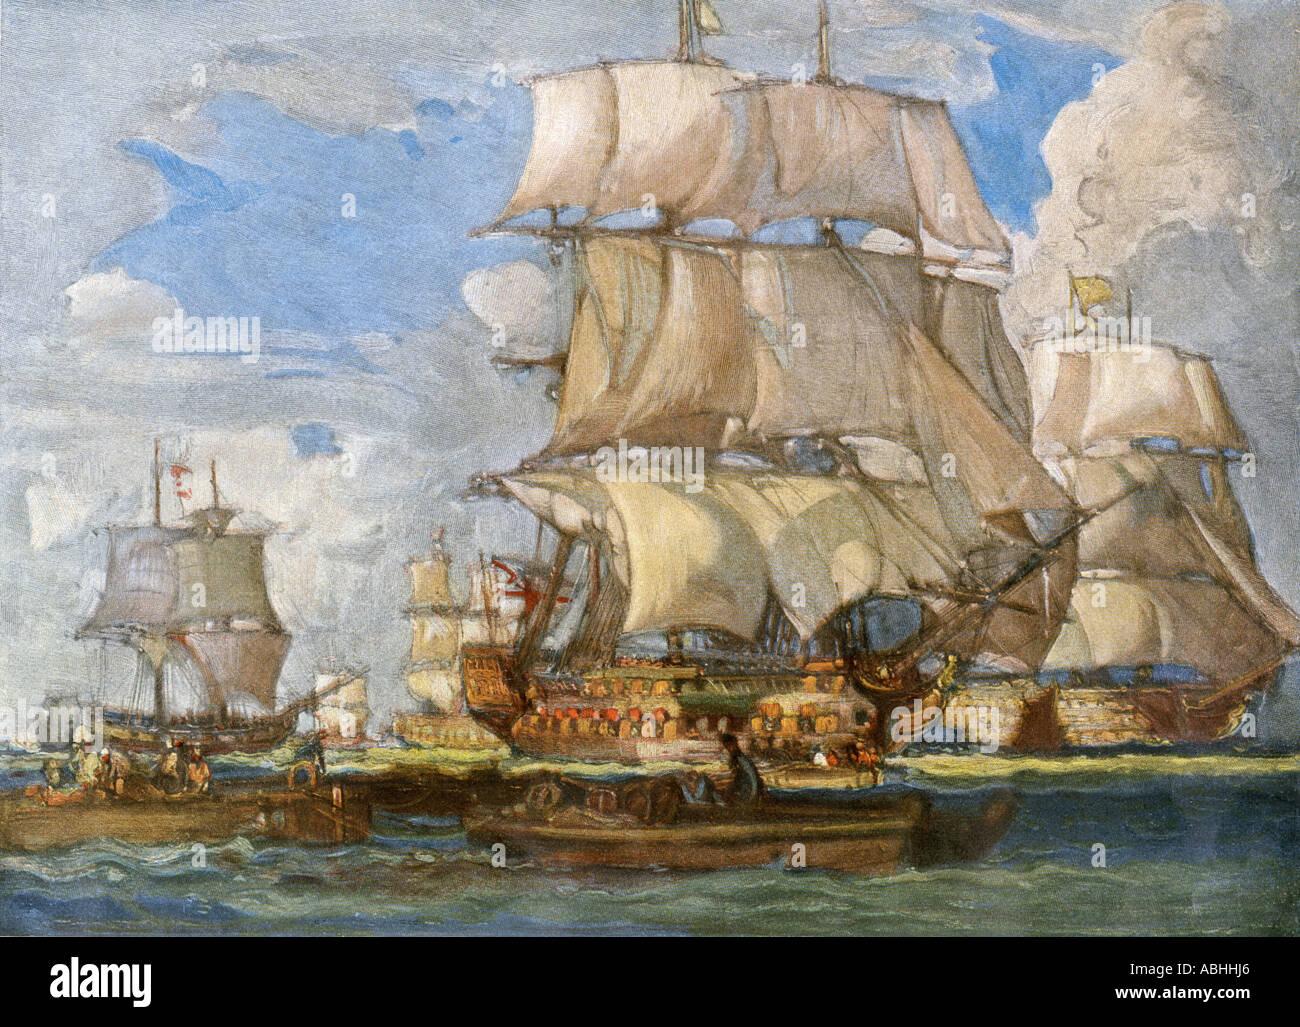 Britische Marine unter Lord Howe Segeln von Spithead für Seeschlachten vor der Küste von Frankreich 1794. Farbe halftone einer Abbildung Stockbild